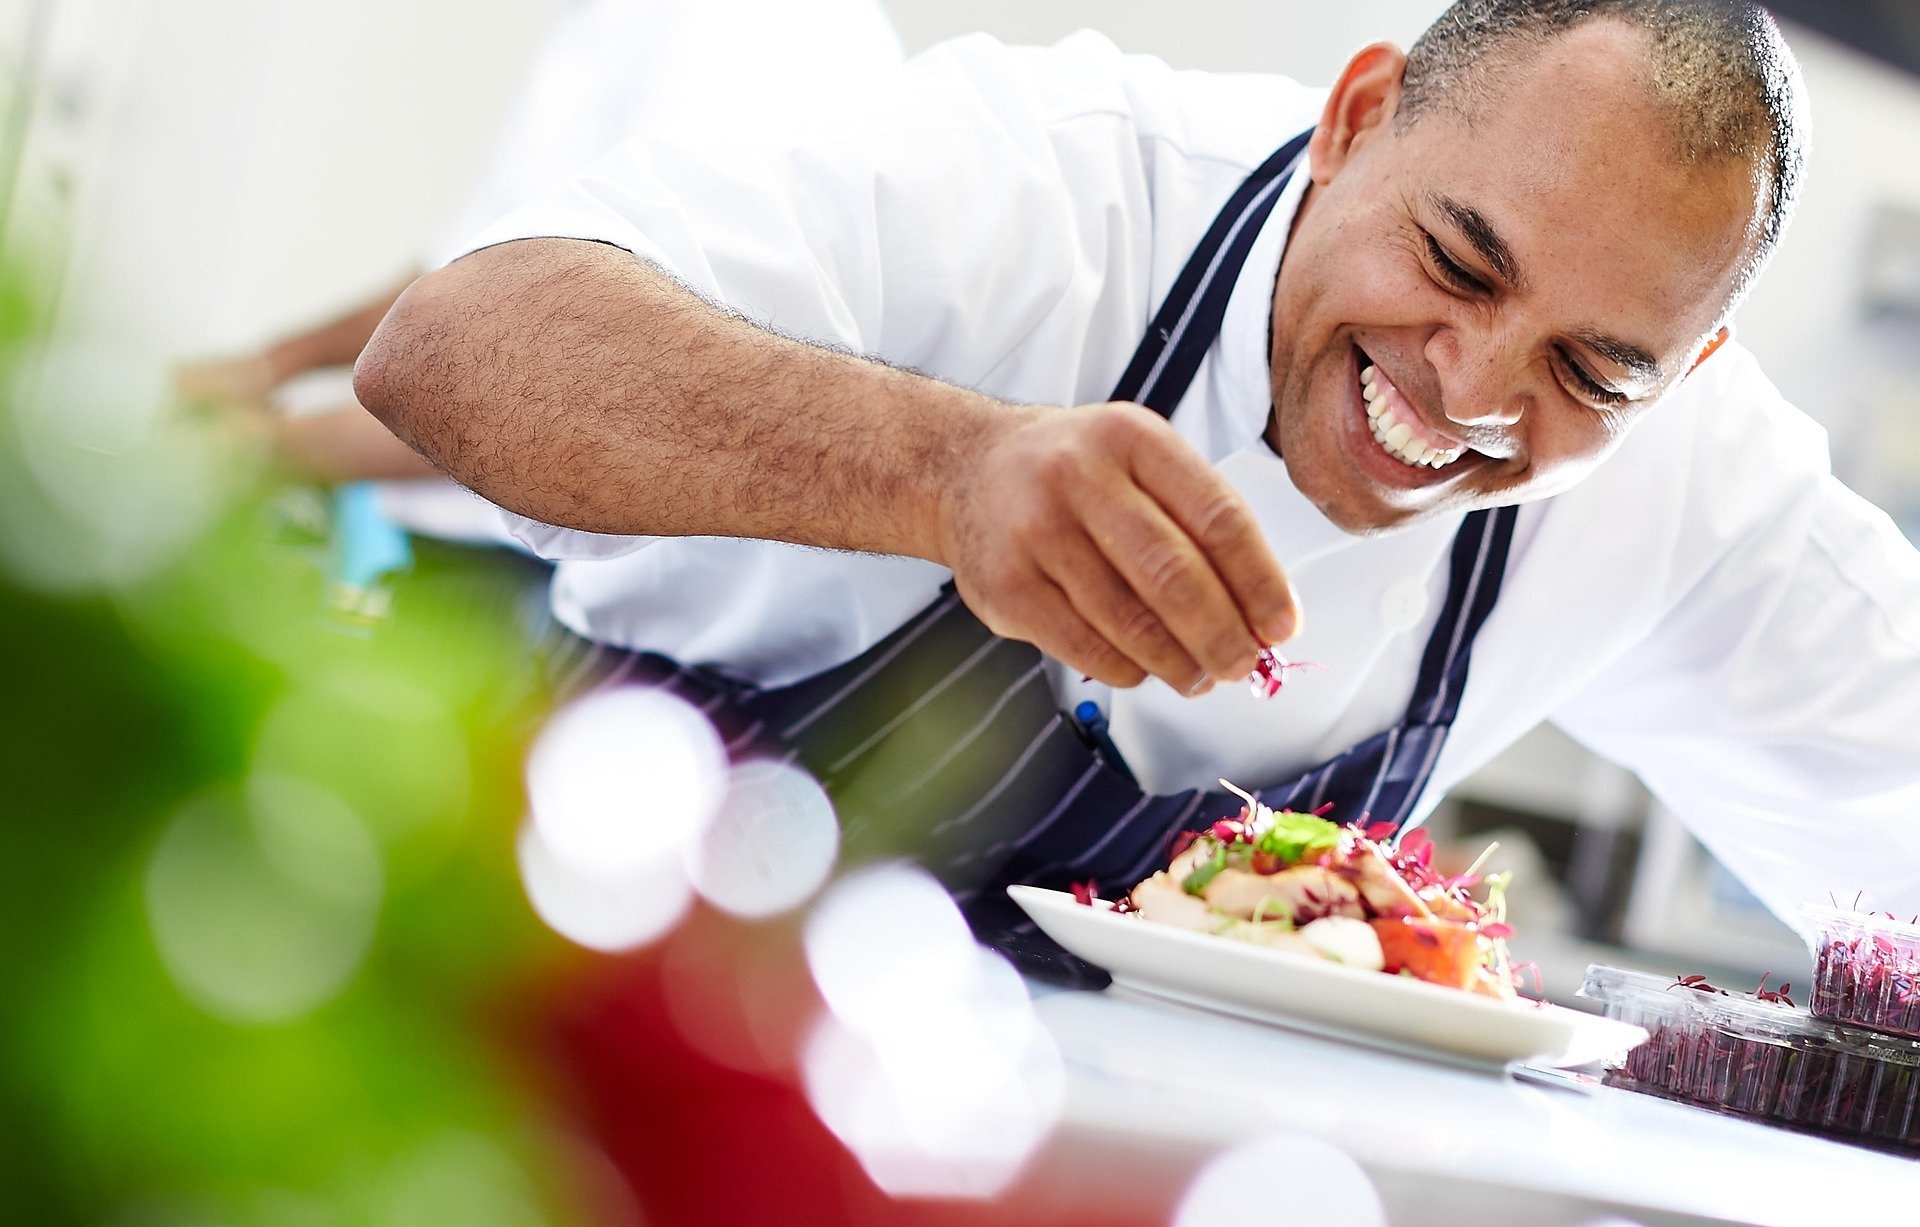 Weiterbildungsmöglichkeiten in der Gastronomie